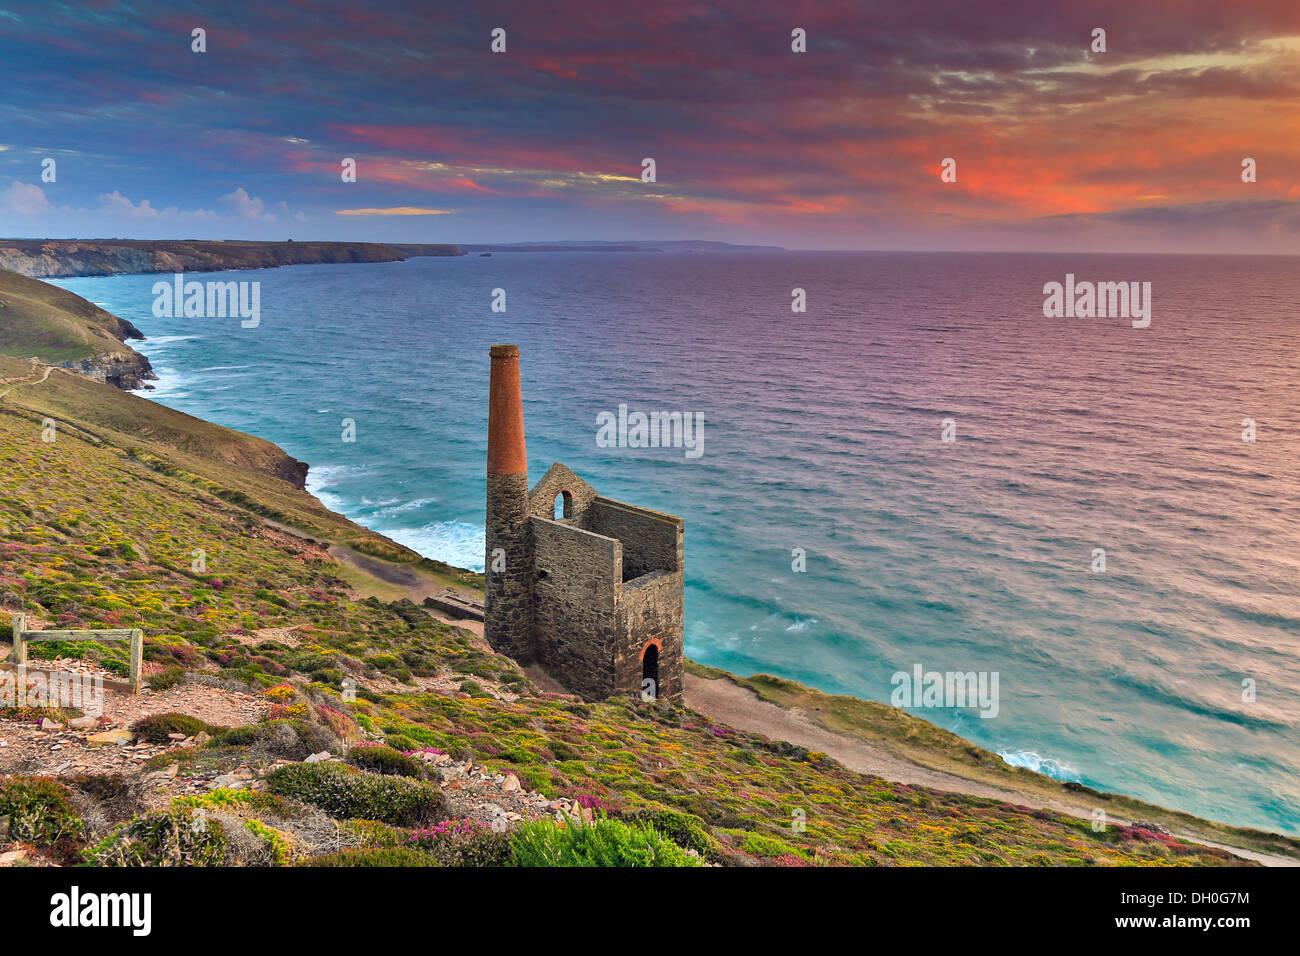 Wheal Coates; Sunset; St Agnes; Cornwall; UK - Stock Image